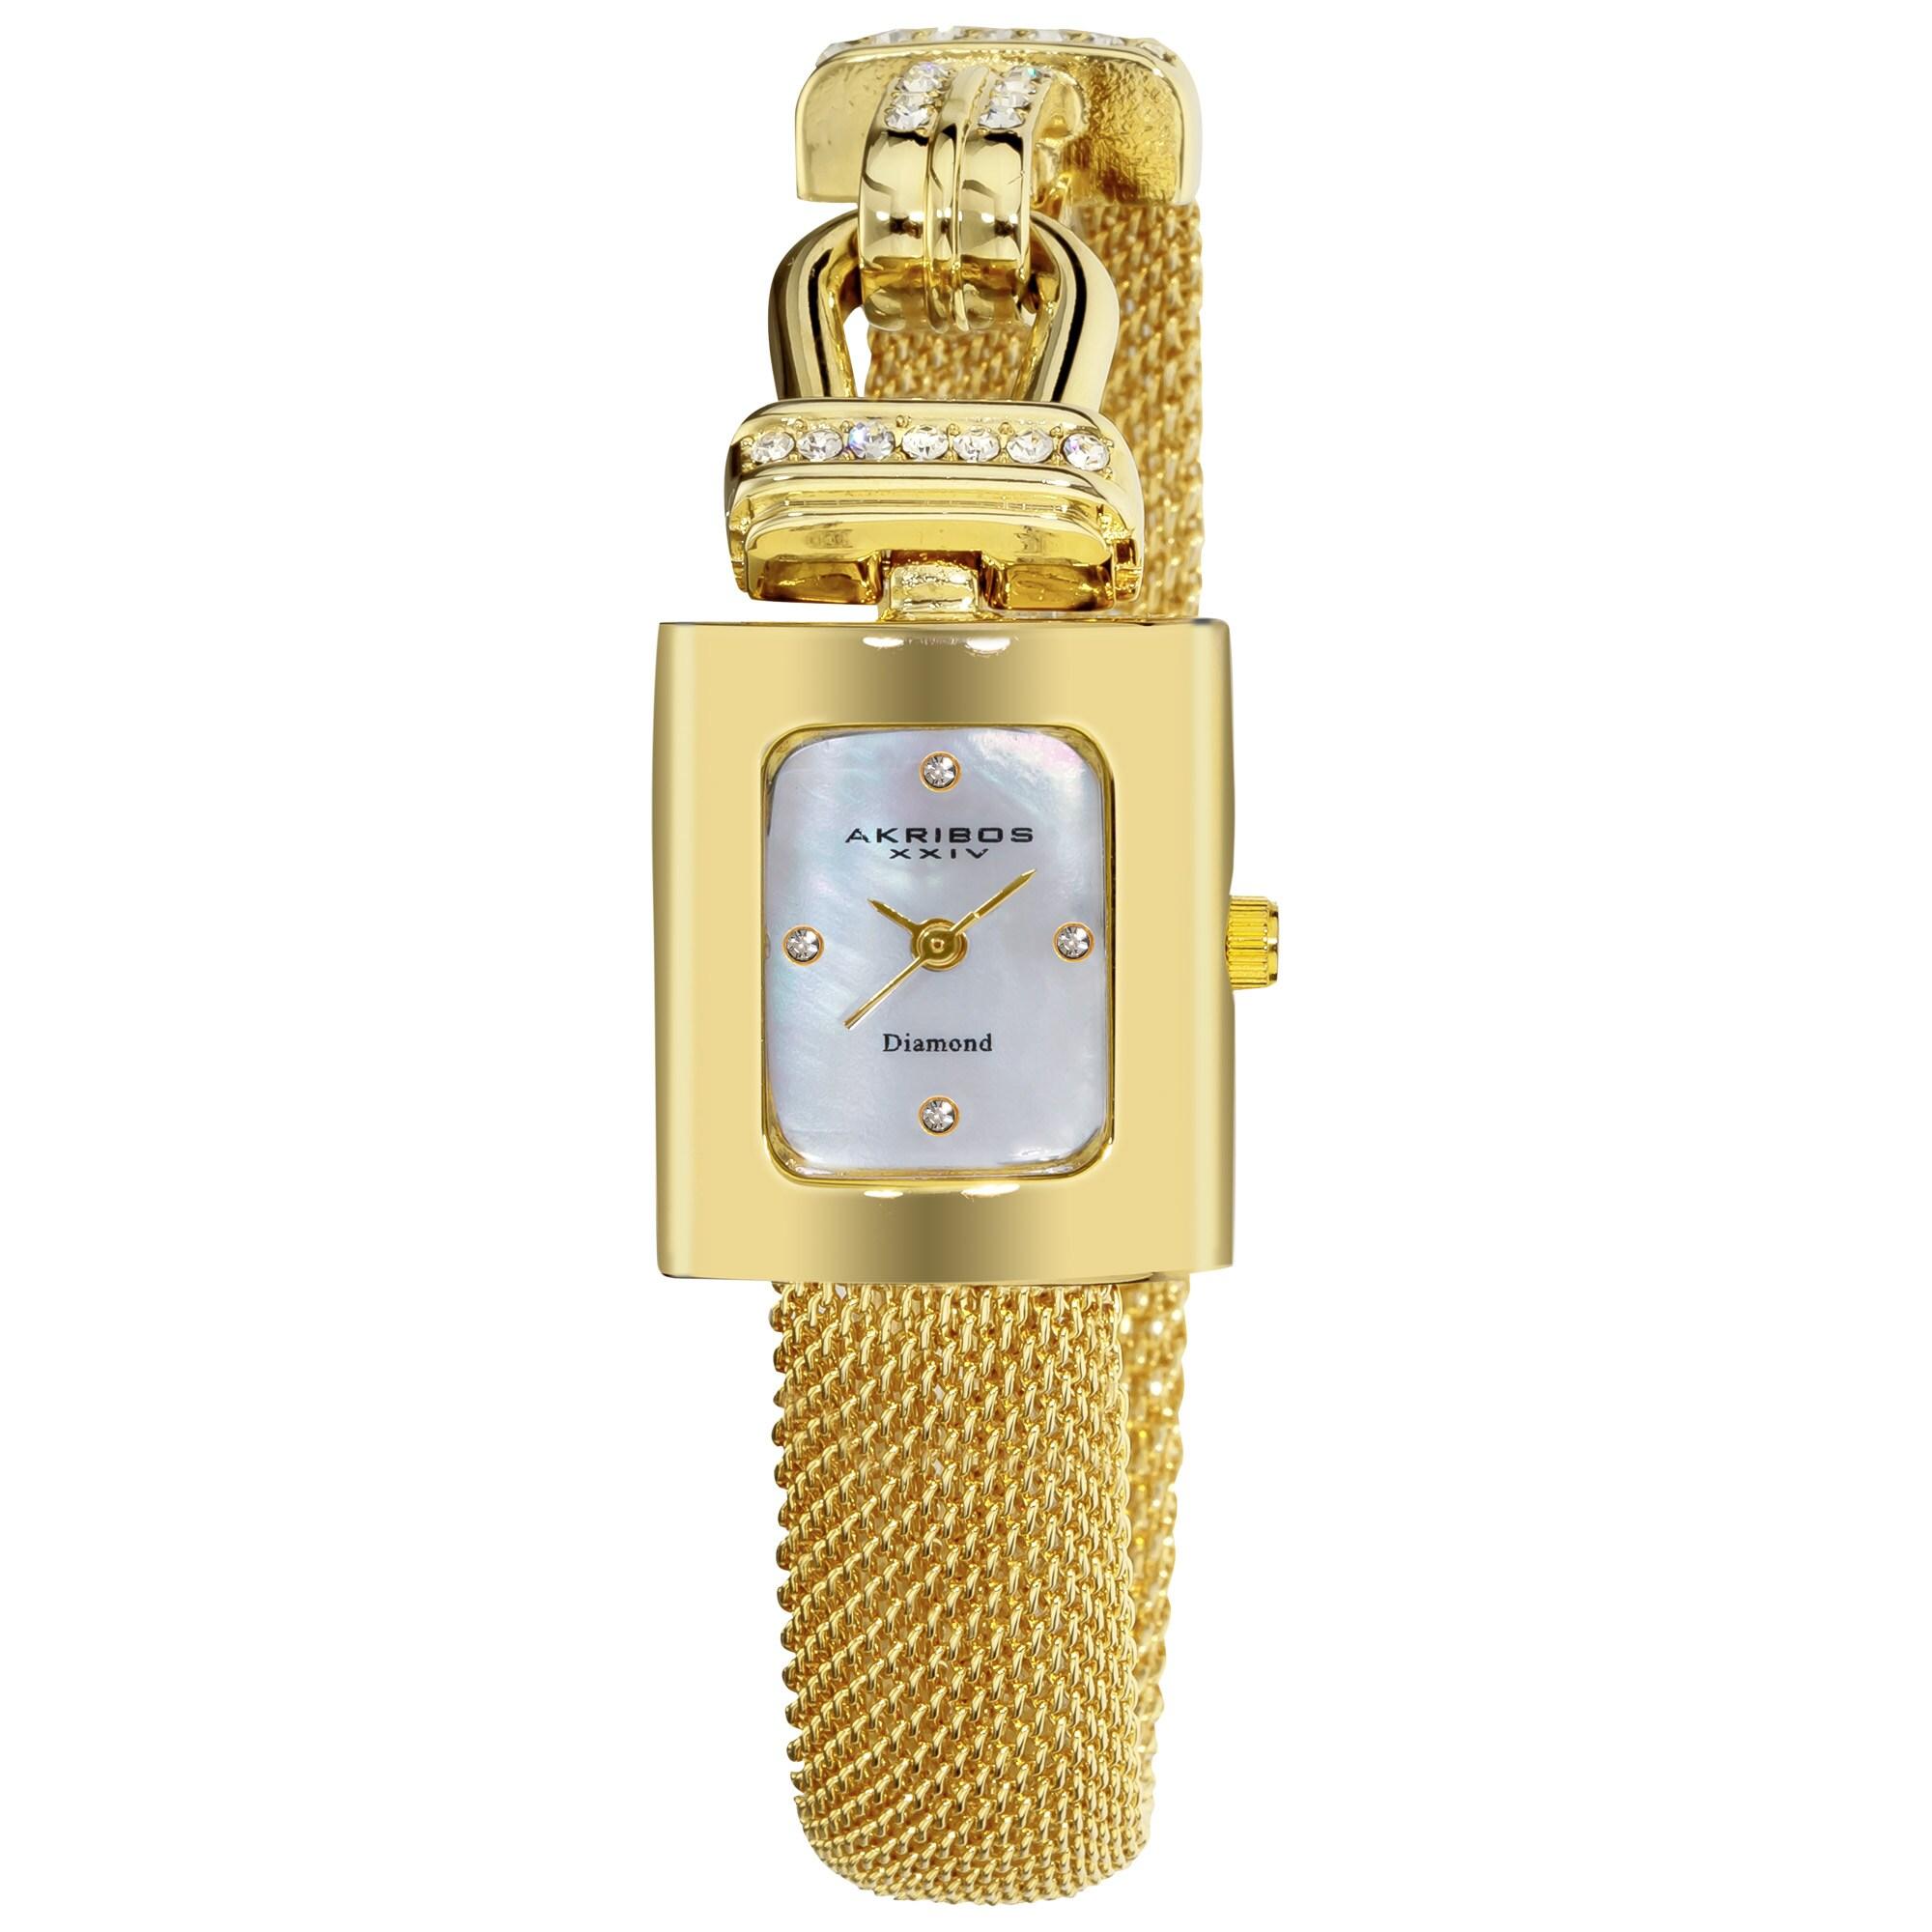 Akribos XXIV Women's Mesh Wraparound Quartz Gold-Tone Watch